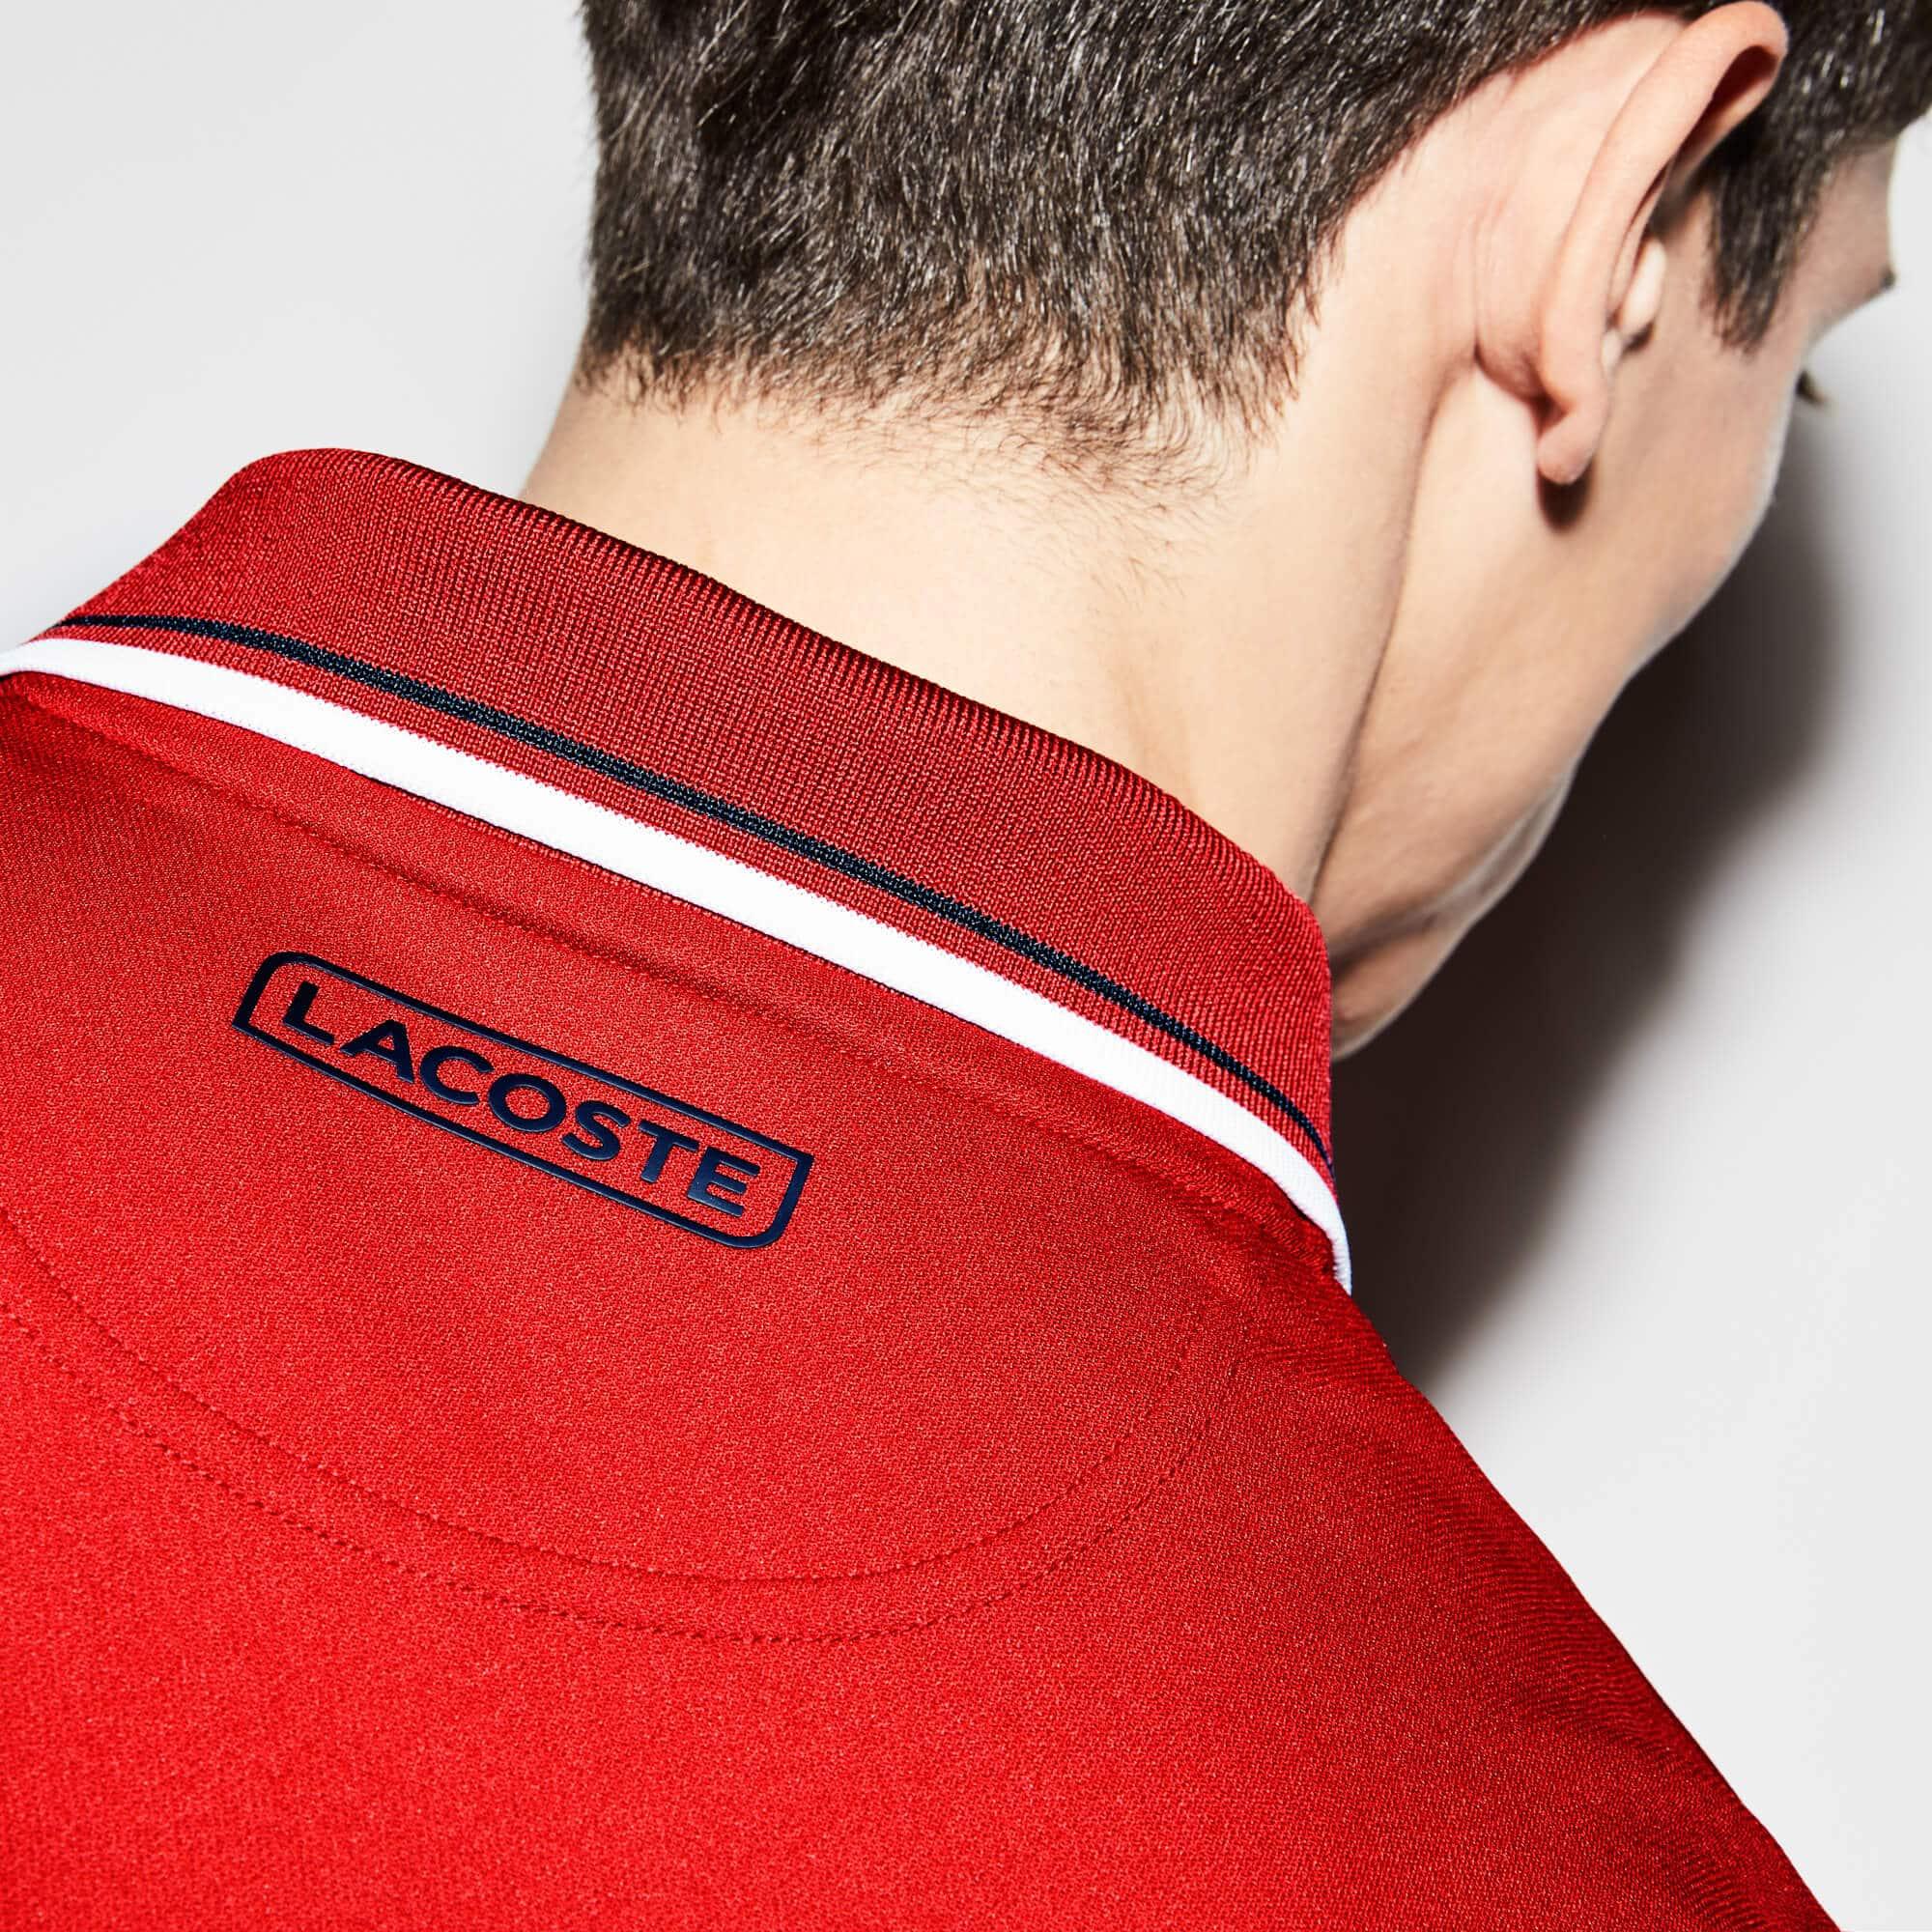 Lacoste - Men's Lacoste SPORT Colorblock Bands Technical Piqué Tennis Polo - 8